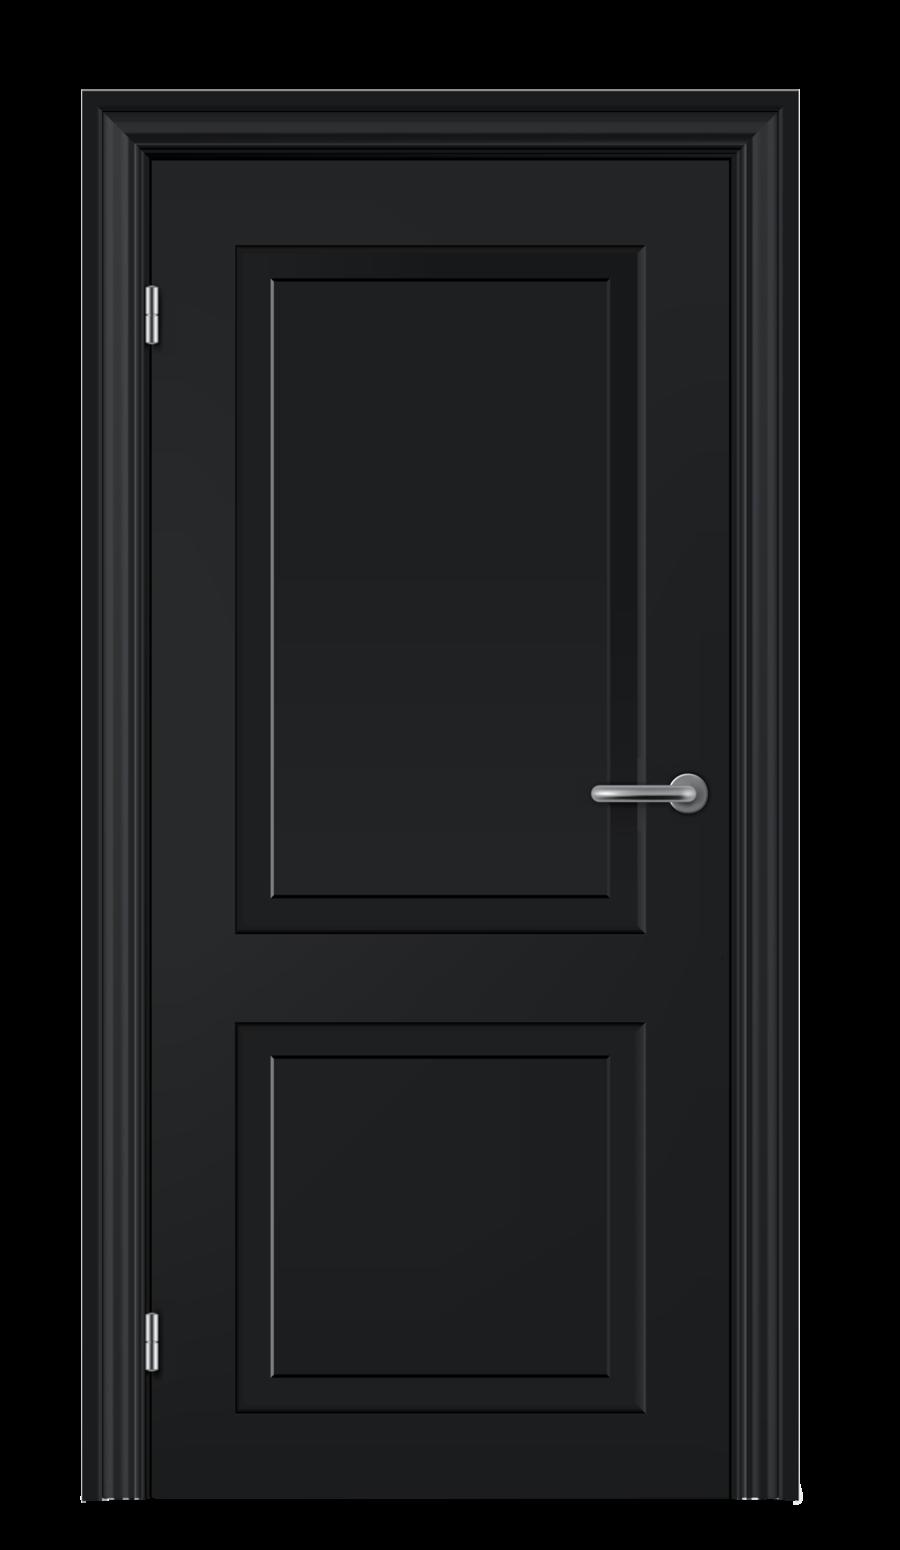 stock Door transparent. Png